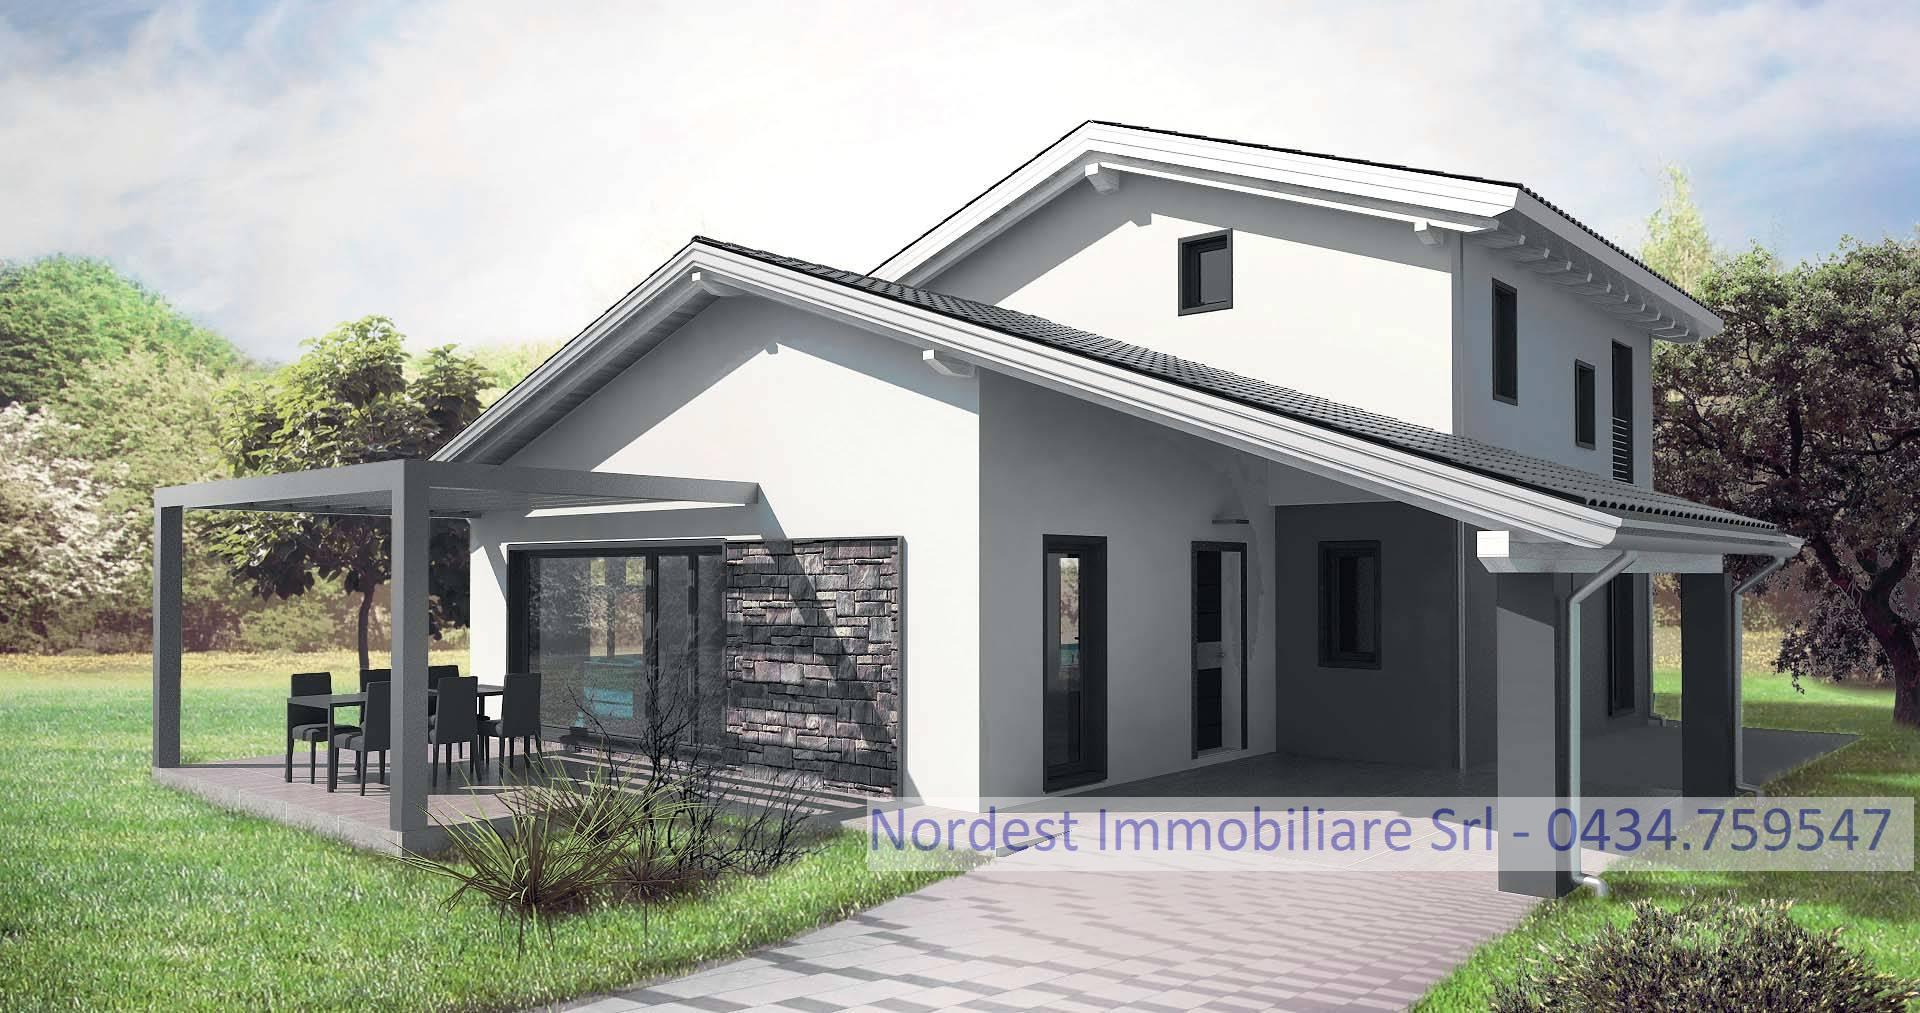 Soluzione Indipendente in vendita a Garda, 6 locali, prezzo € 160.000 | CambioCasa.it